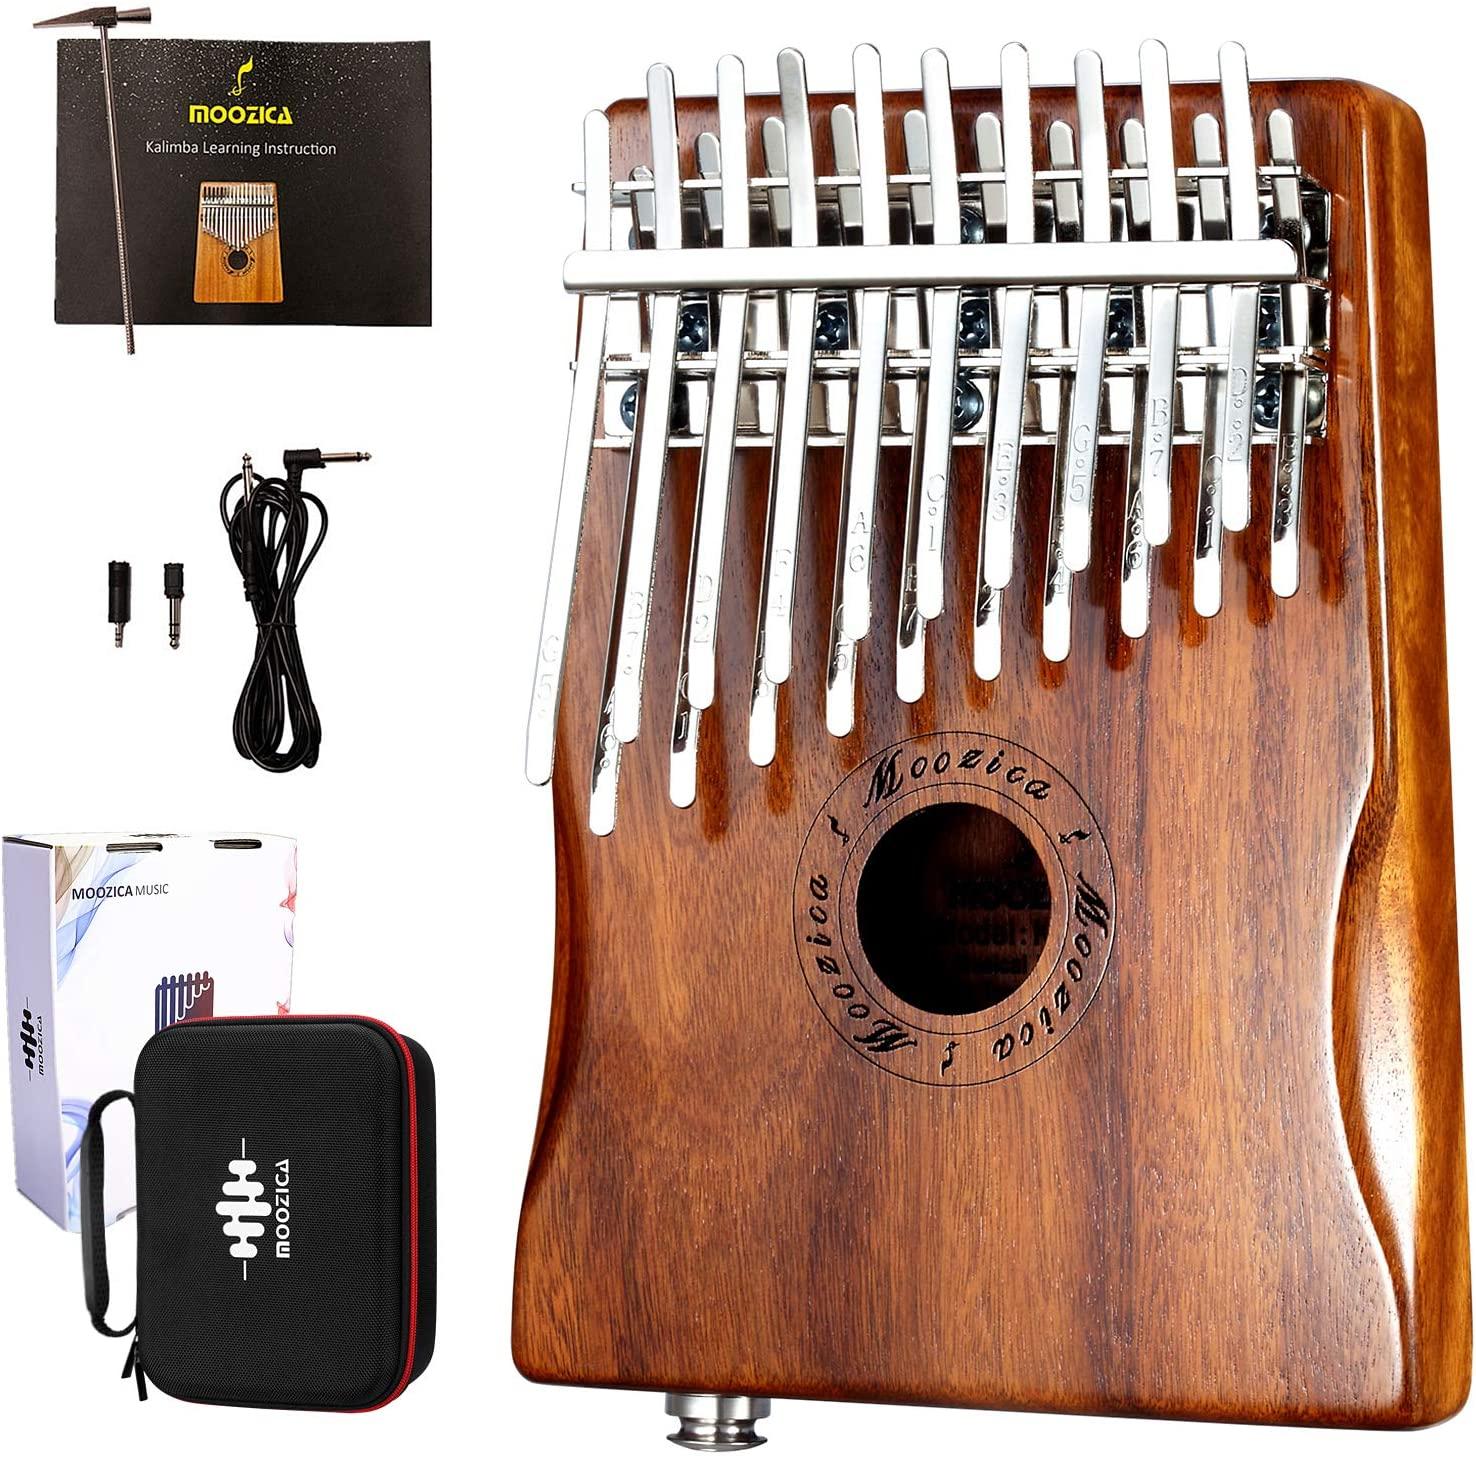 MOOZICA Kalimba Solid Koa Wood 20 Keys Professional Kalimba, Double-layer 20-key Thumb Piano With Kalimba Hardcase and Learning Instruction (K20K-EQ(With Case))